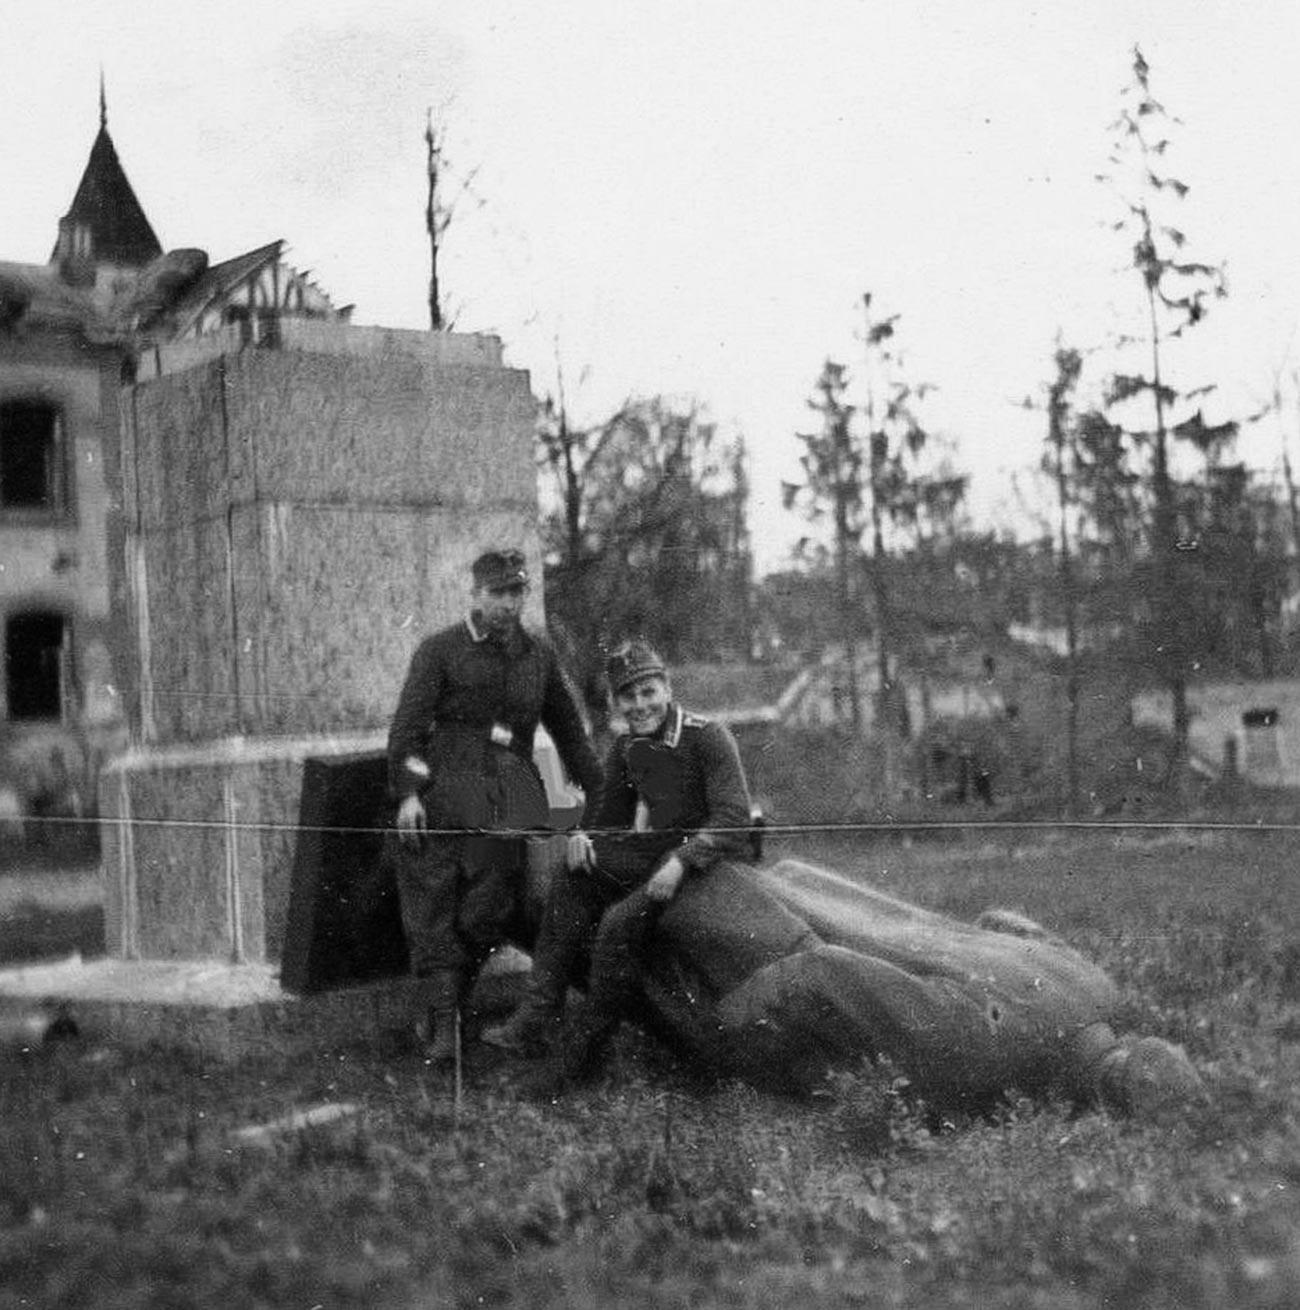 Soldati tedeschi vicino al monumento abbattuto a Pushkin, 1941